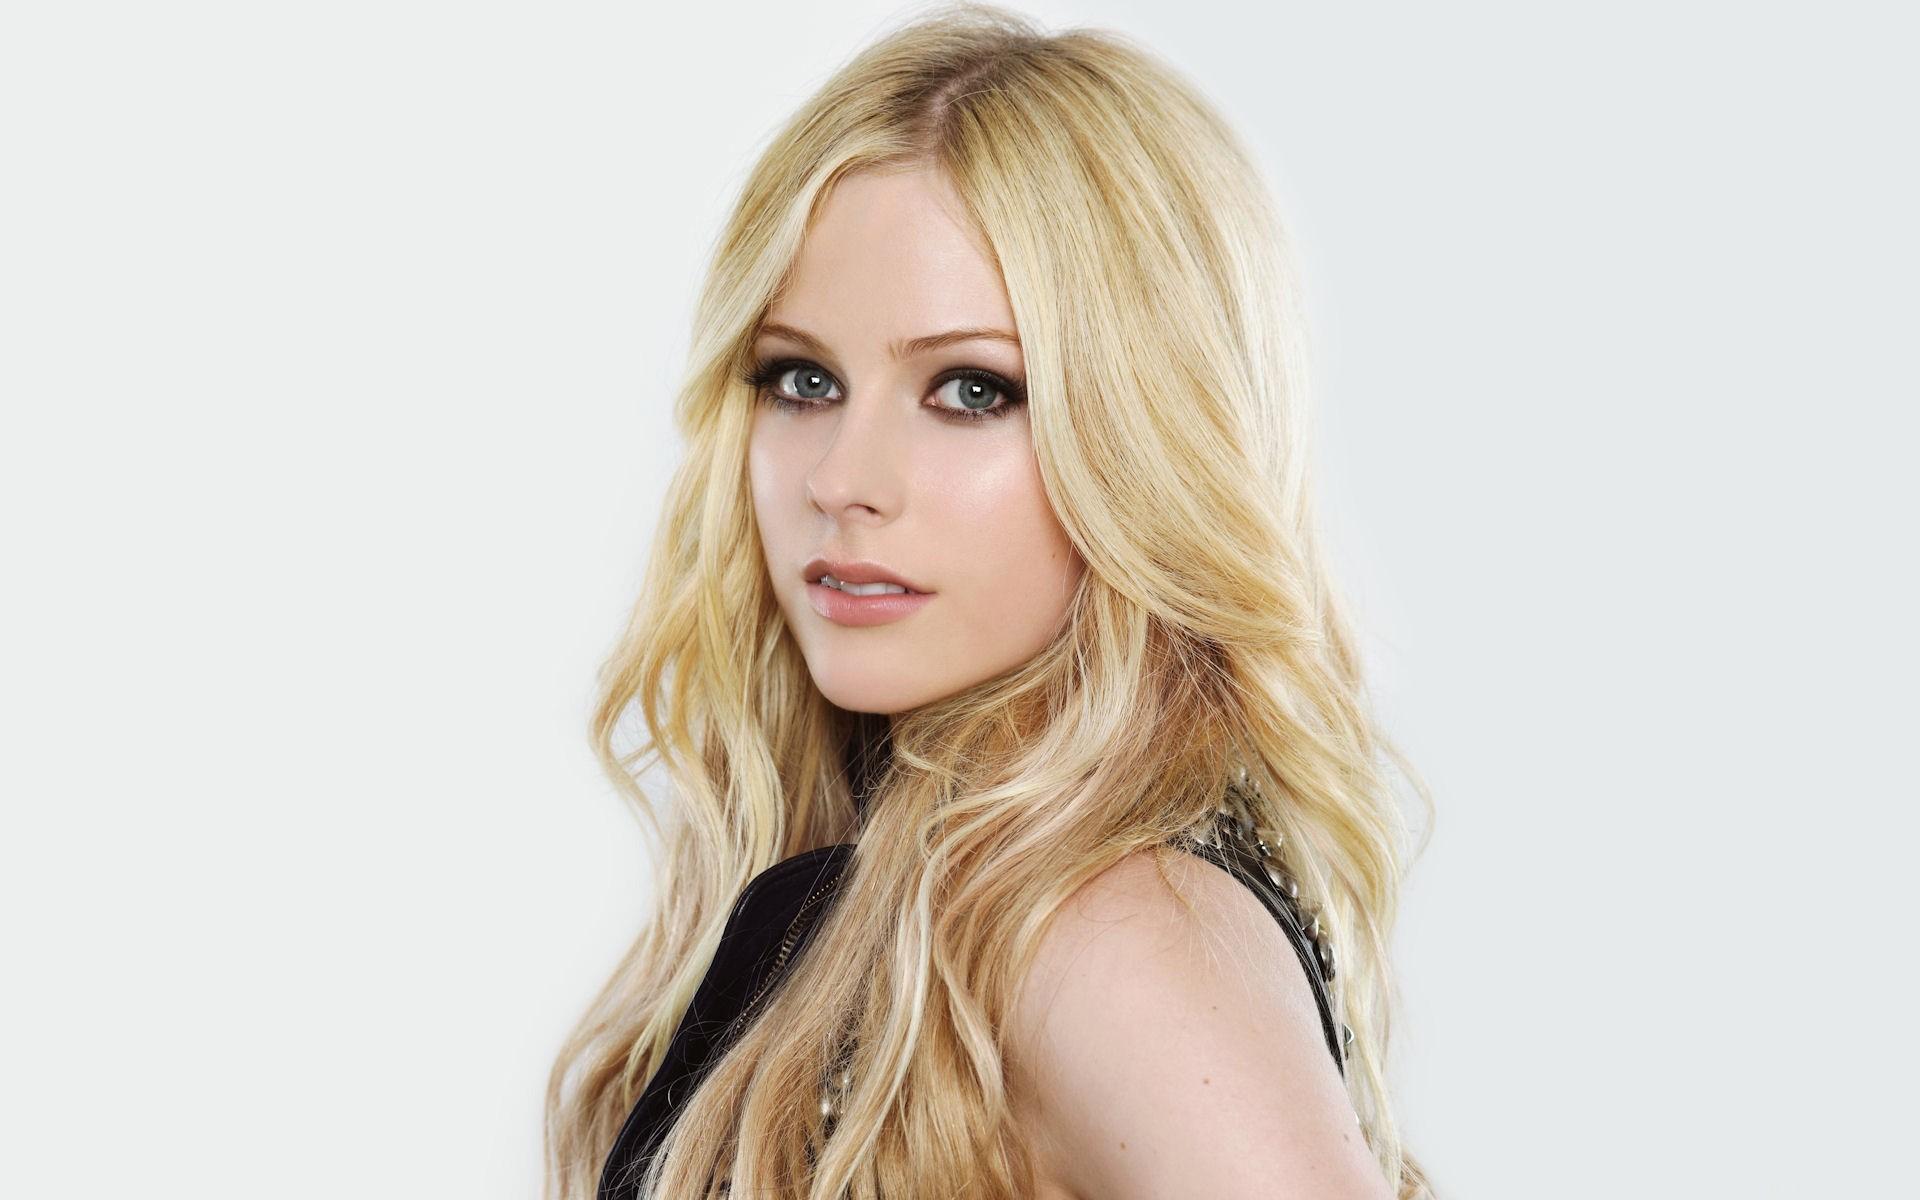 El rostro de Avril Lavigne - 1920x1200